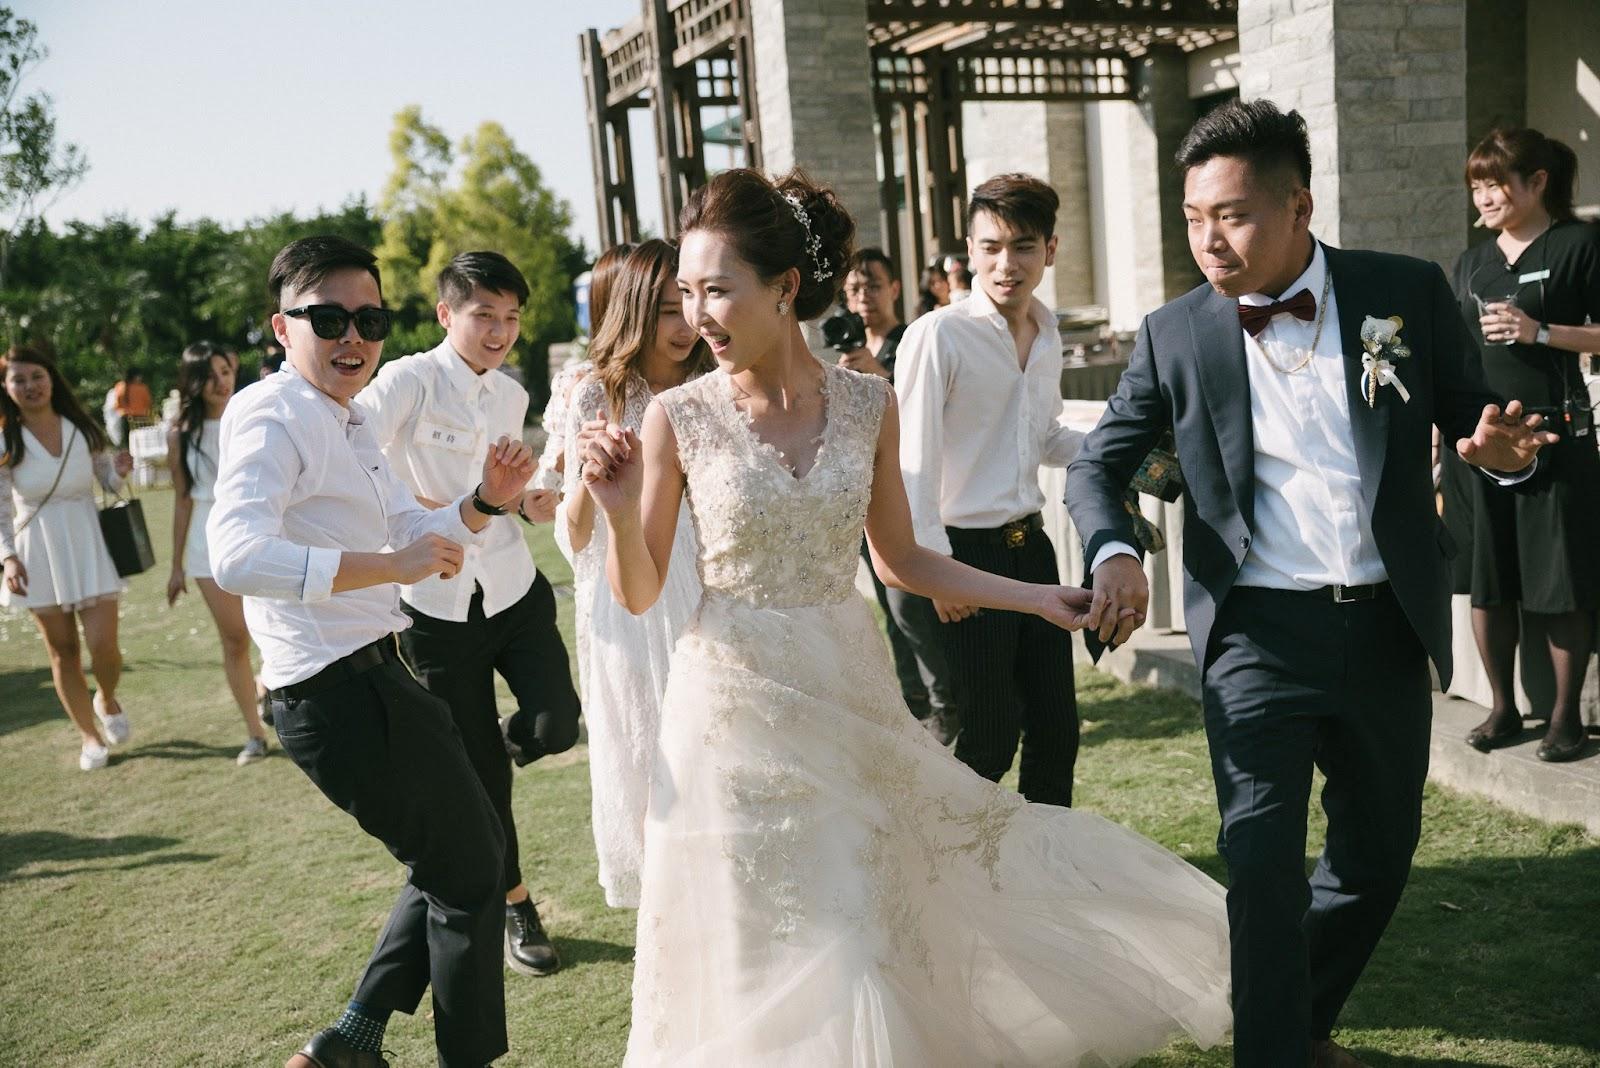 彰化婚攝 婚攝推薦 自宅婚宴 庭園Buffet 戶外證婚 戶外婚禮 美式婚禮 文定午宴 W&K